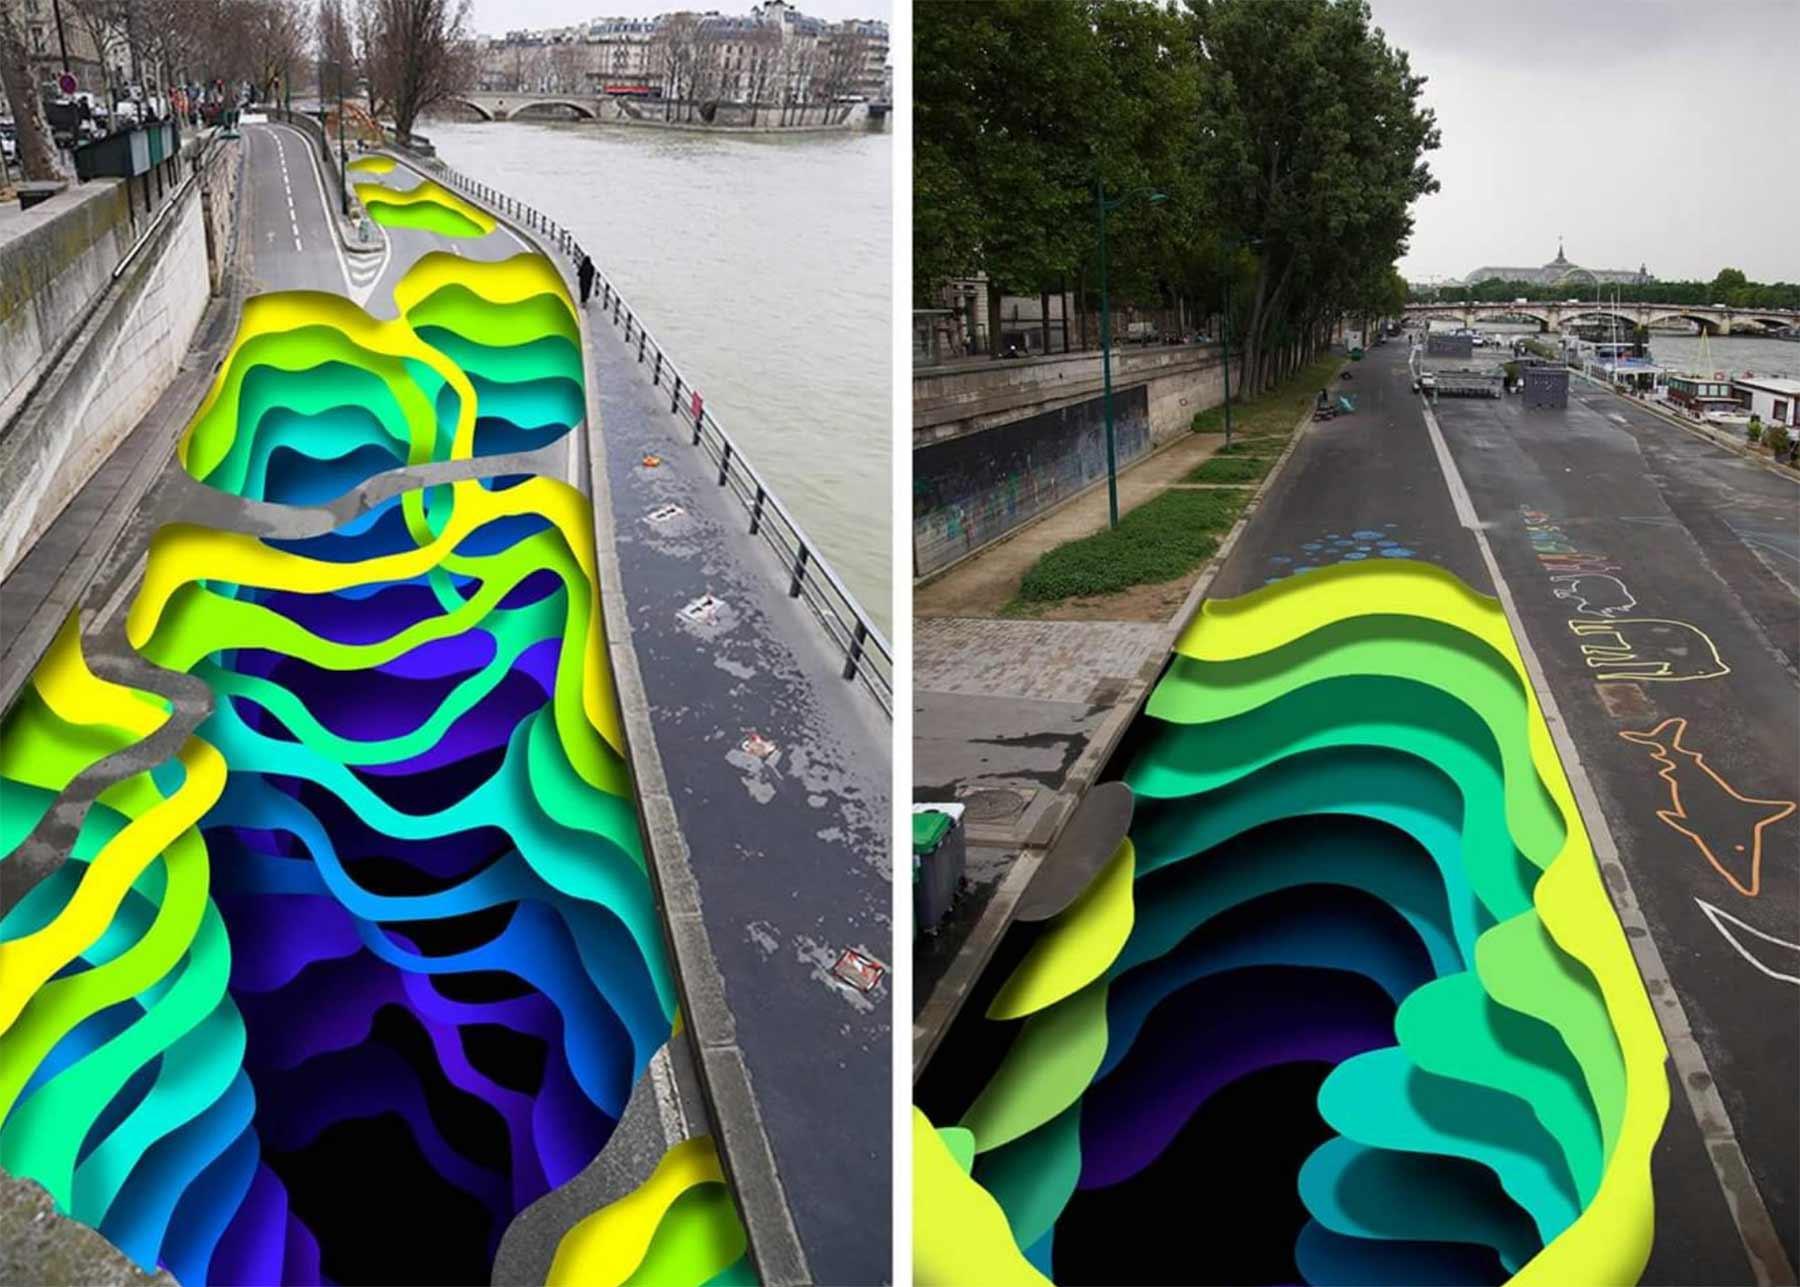 18.000 Quadratmeter großes 3D-Loch im Boden